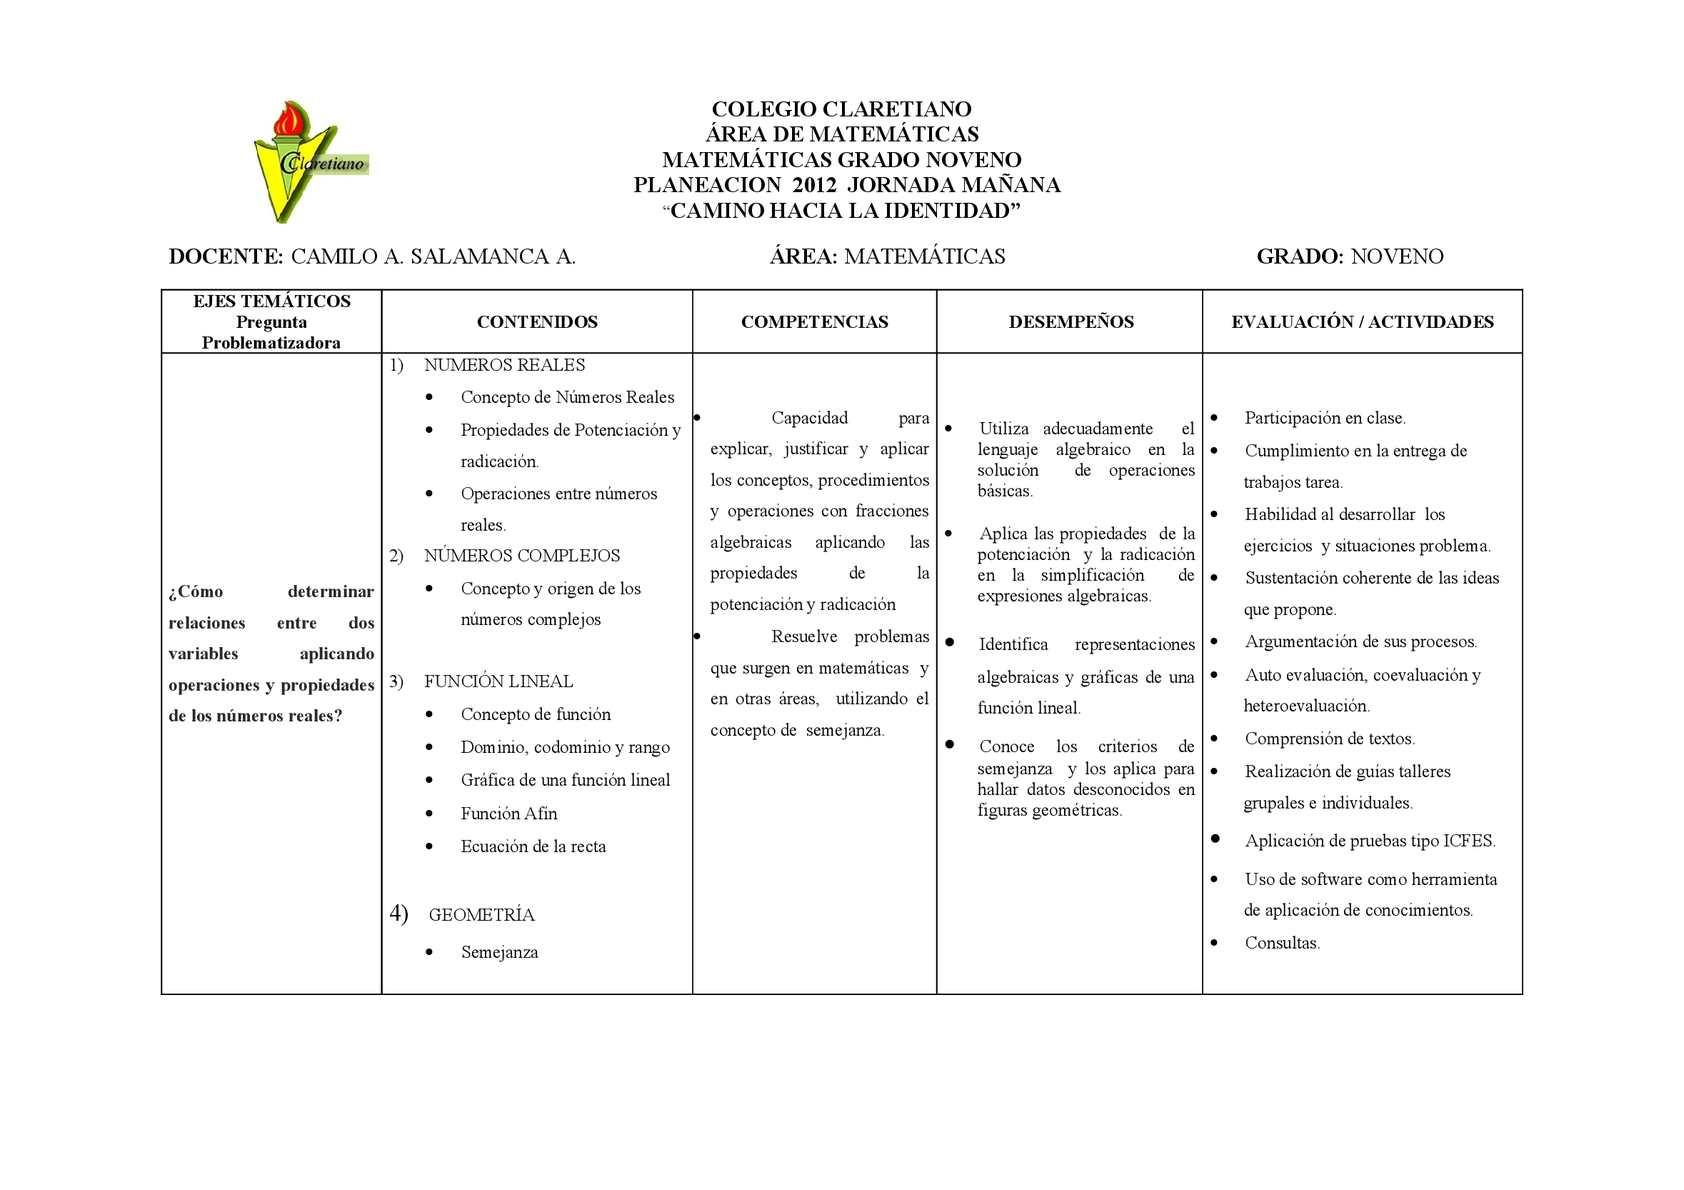 Calaméo - Plan de Aula Noveno 2012